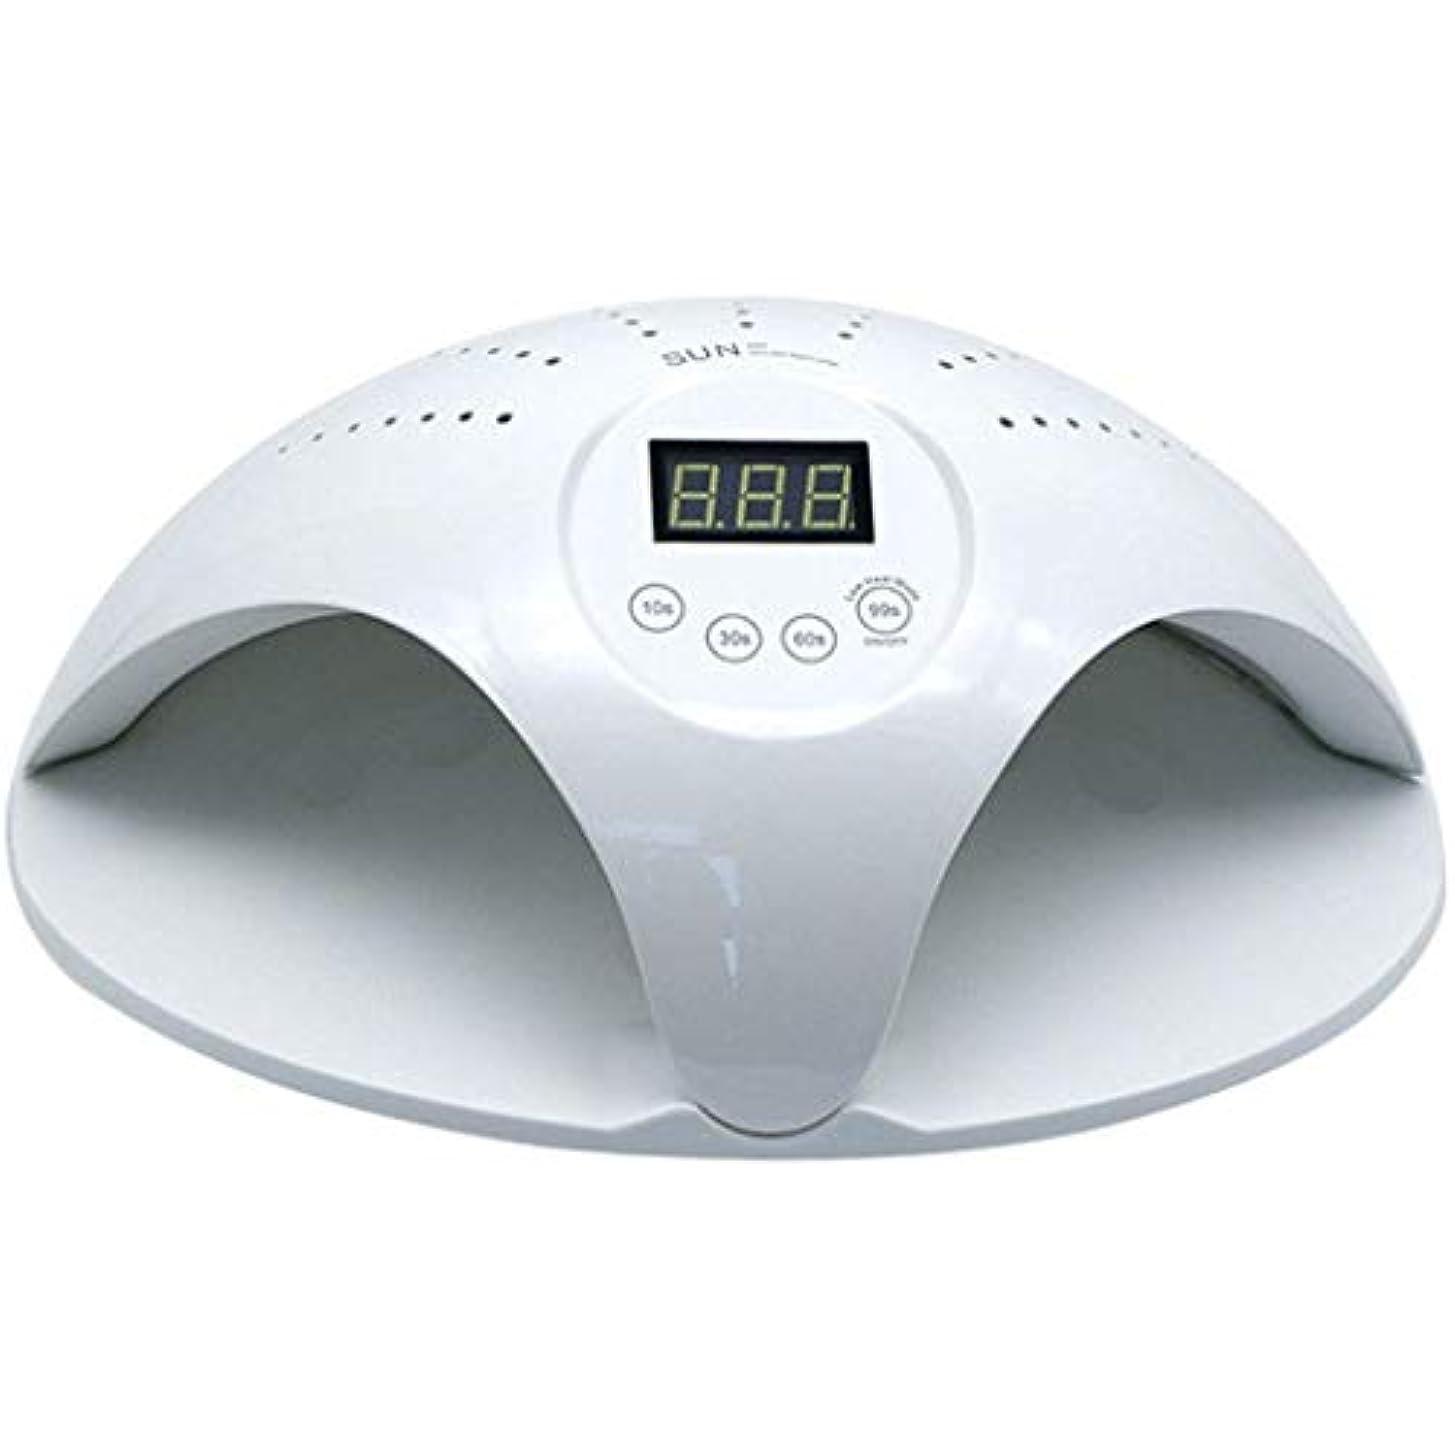 謙虚おっと鈍いBEIHUAN 48WプロフェッショナルUV LEDジェルネイルランプポーランド硬化乾燥機ライトスマート10月30日/ 60 / 99Sホワイトを設定する4タイマーで自動検出